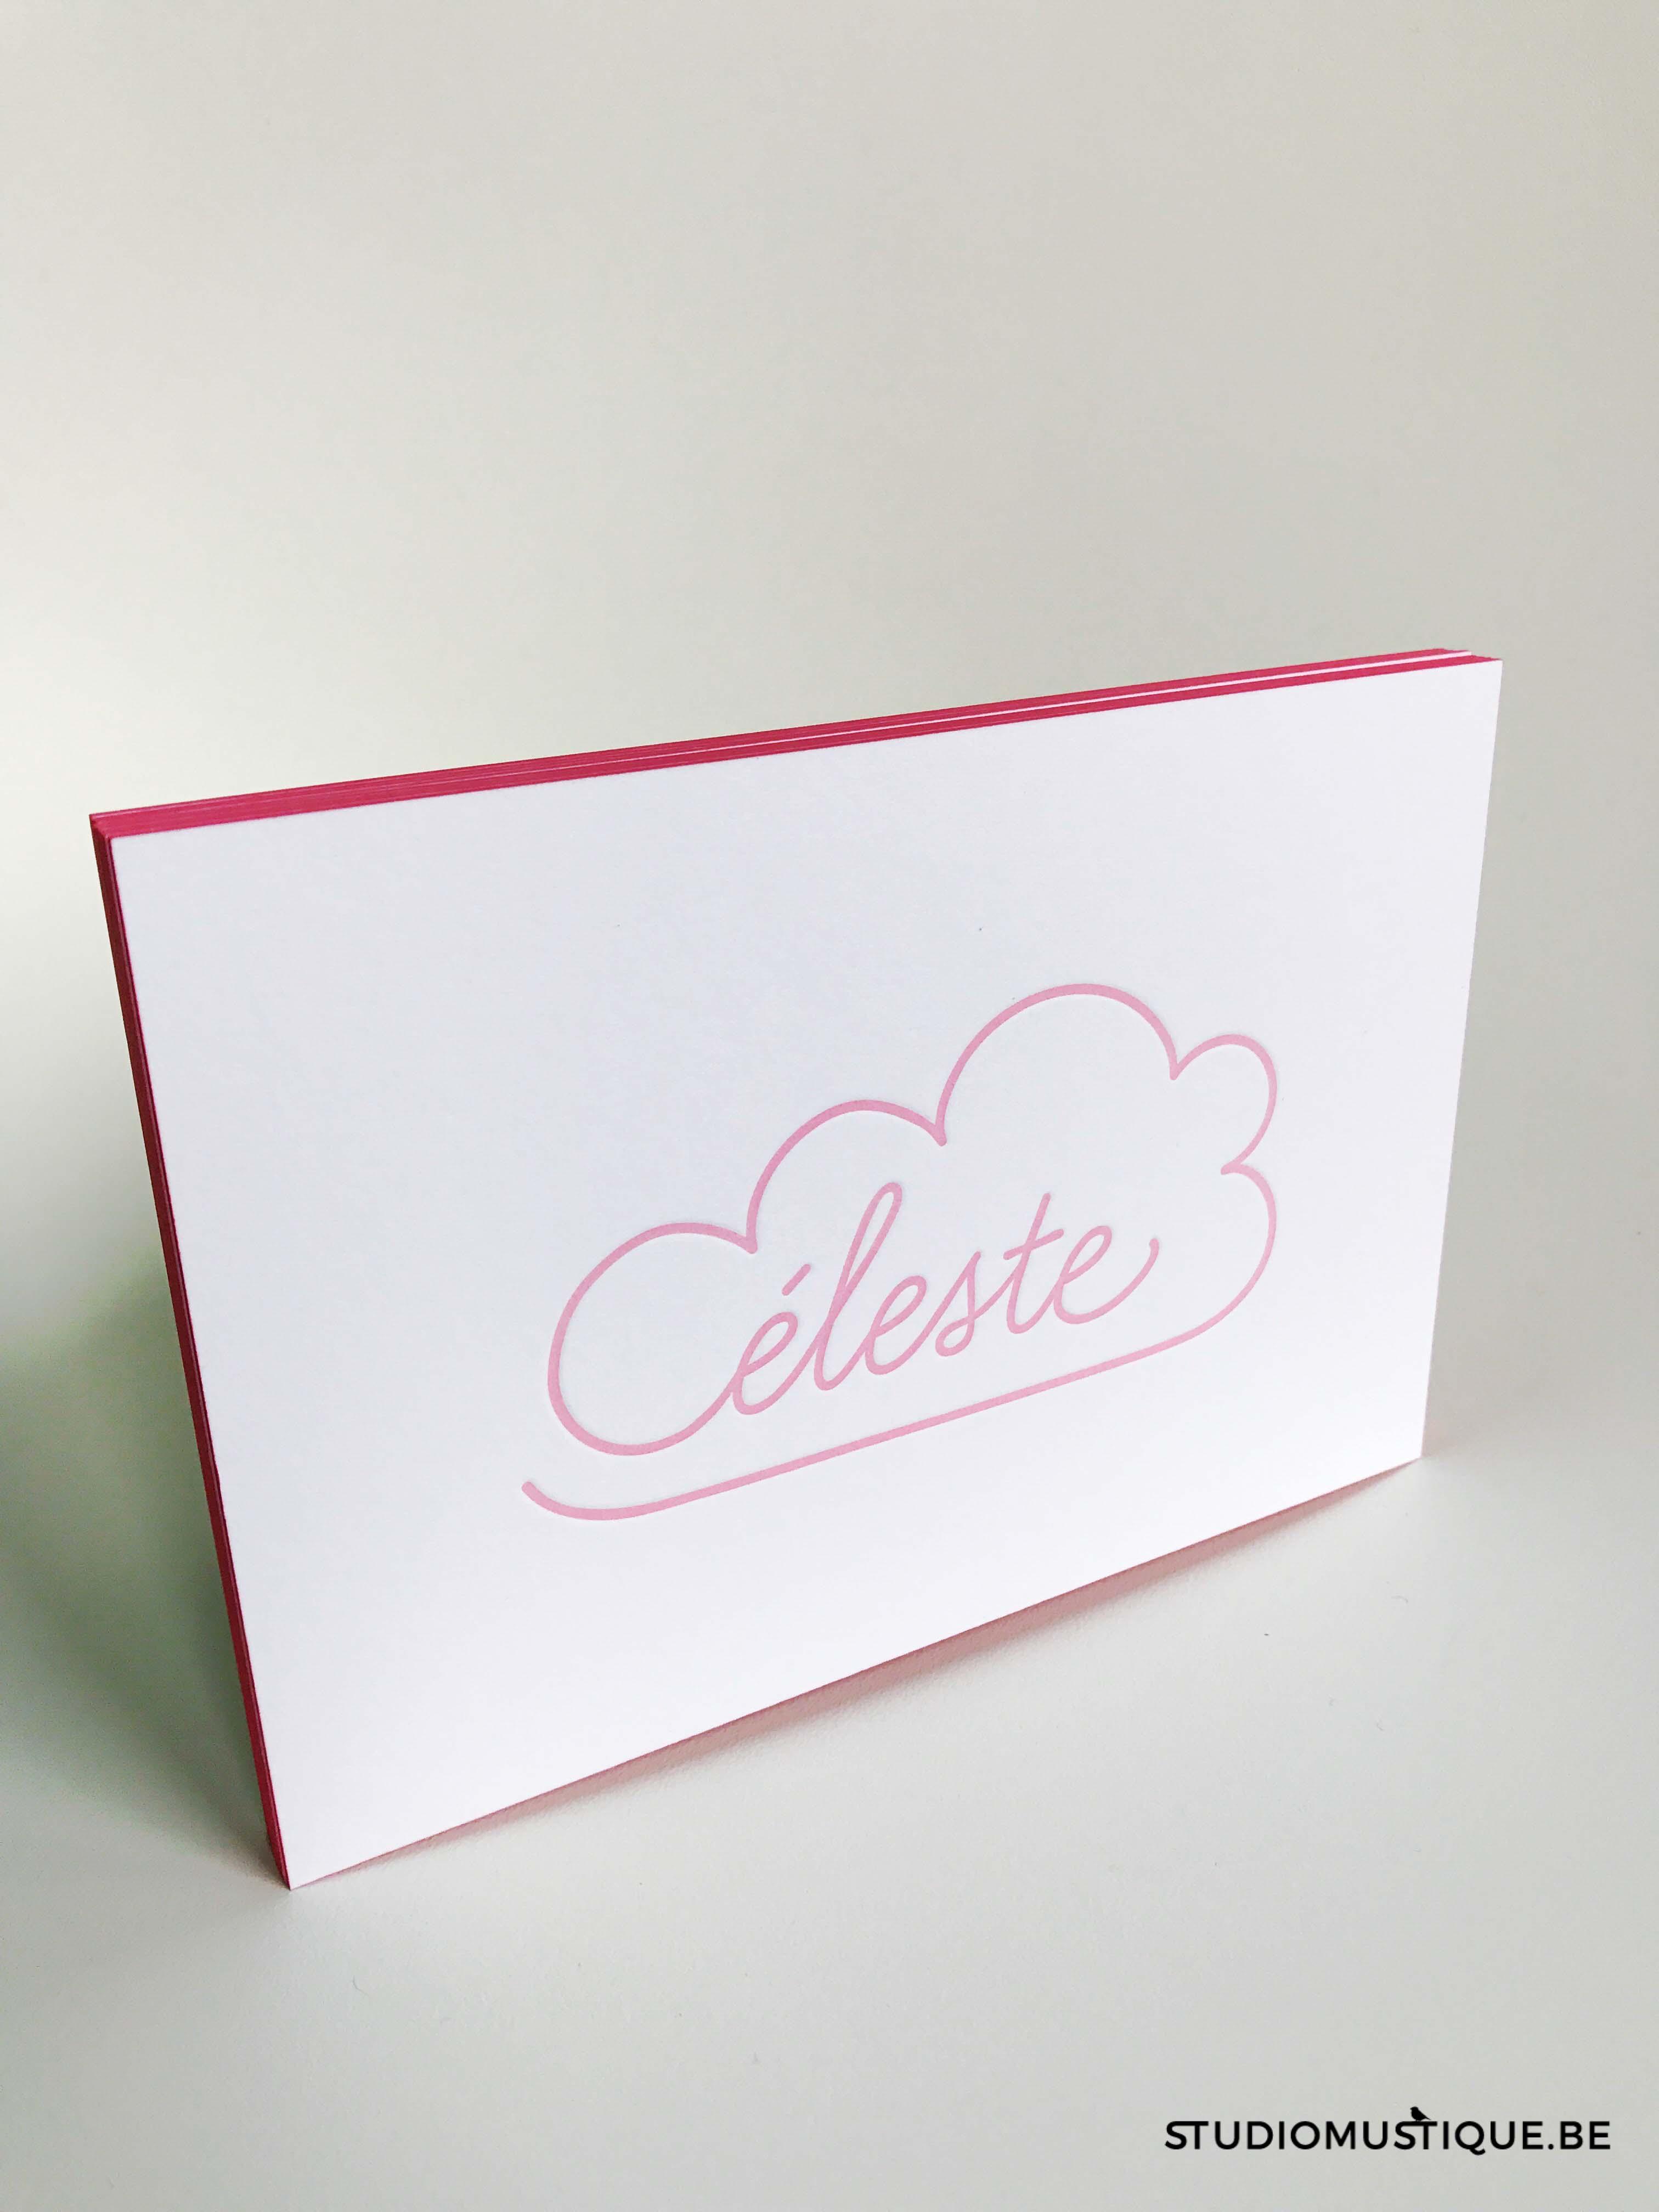 studio mustique Geboortekaartje Céleste - wolk wolkje, handgetekend hand drawn, letterpress, roze, meisje, kleur op snee